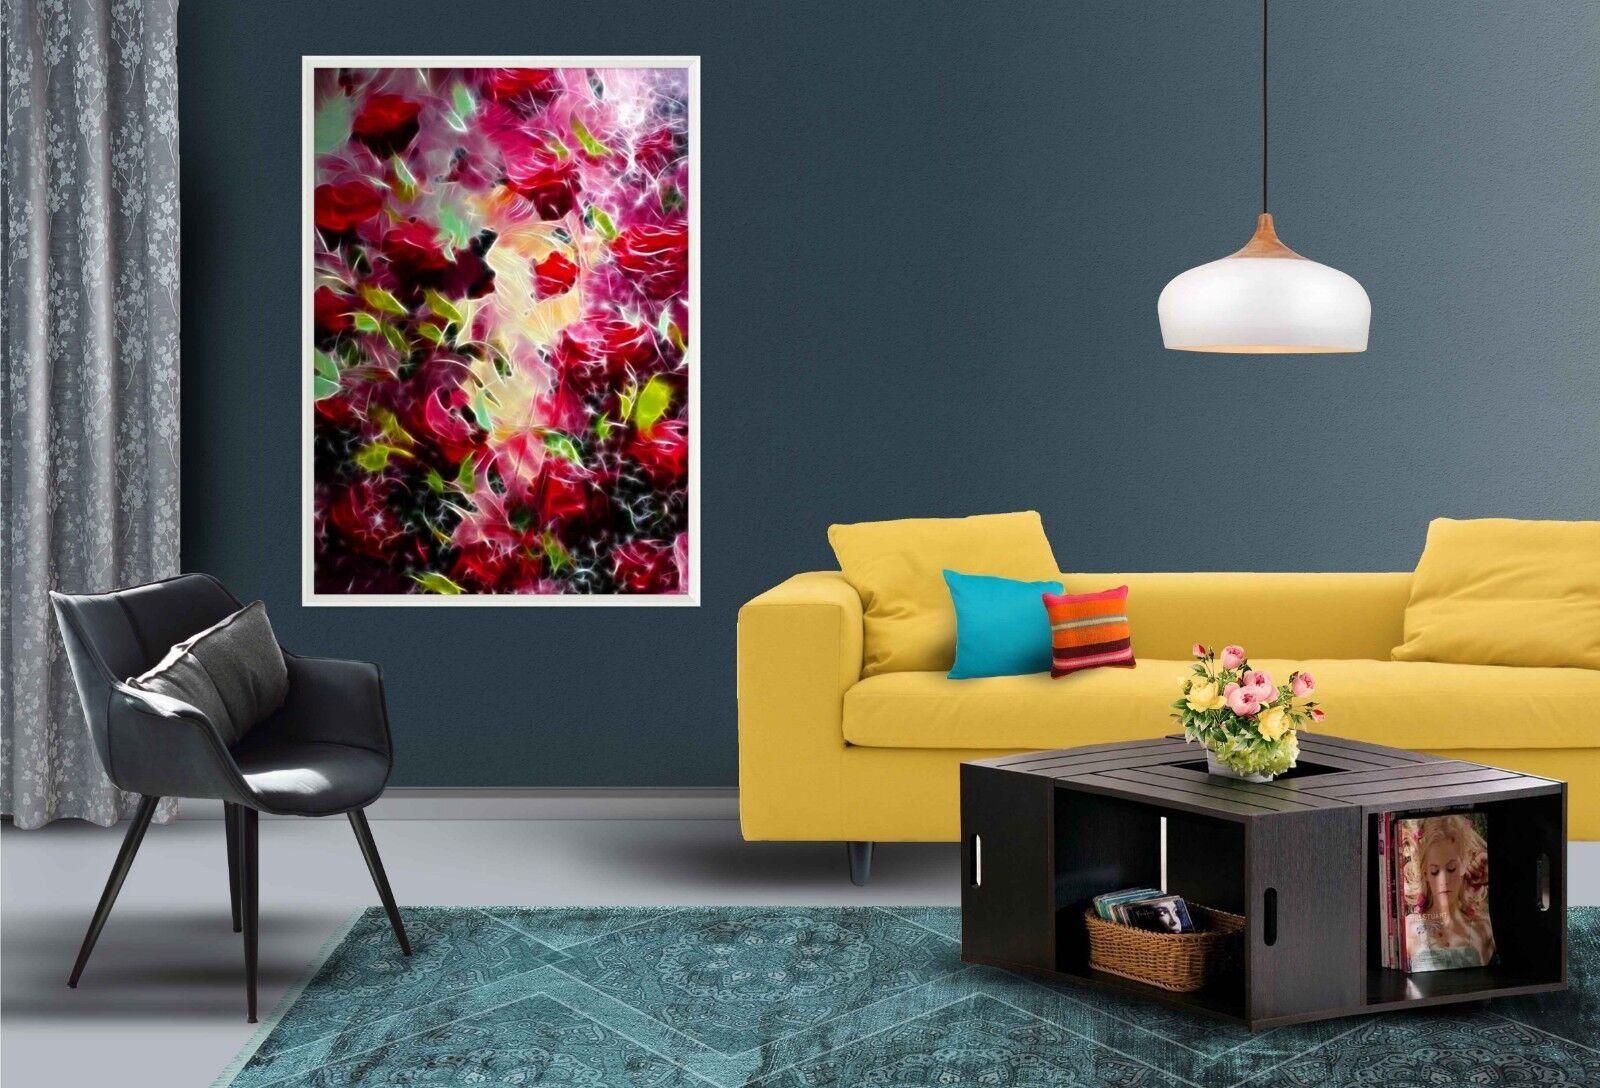 Cartel enmarcado 3D 323 Floral Abstracto Decoración del Hogar Pintura de Impresión Arte AJ Wallpaper